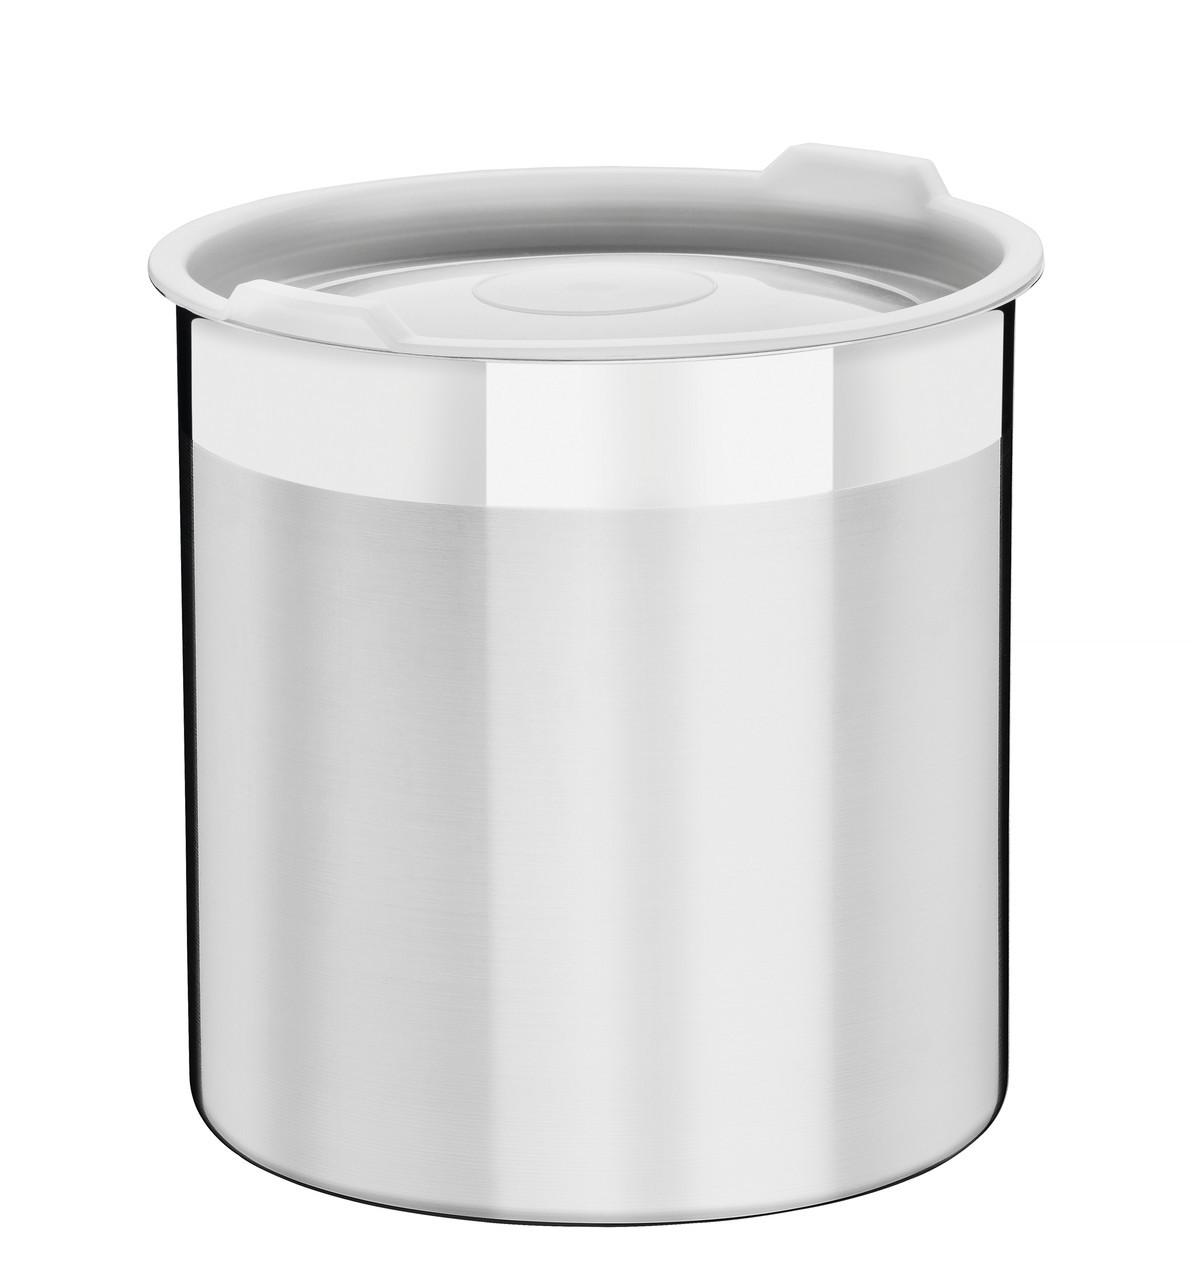 Емкость кухонная с крышкой стальная 16см 3,2л 61227/160 Cucina Tramontina